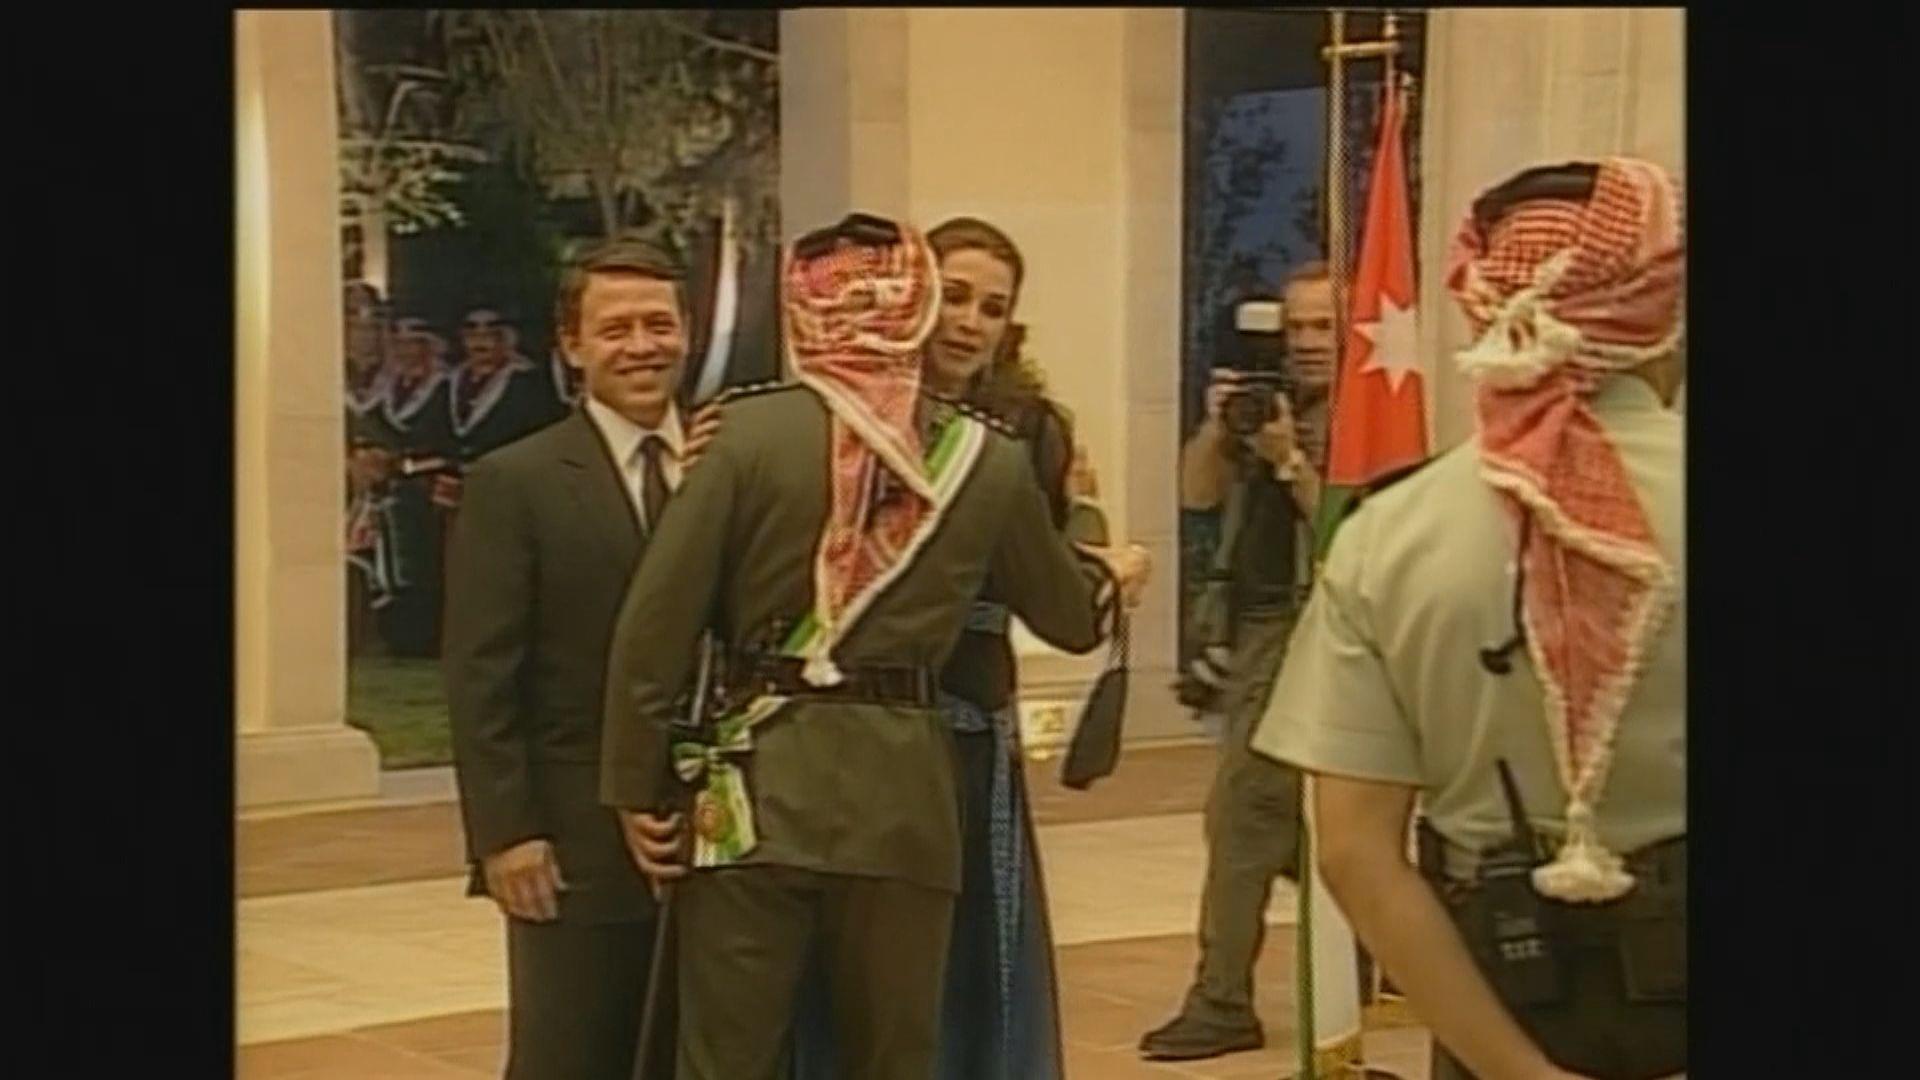 約旦副首相:哈姆扎與外國勢力有聯繫 策劃陰謀威脅國家安全